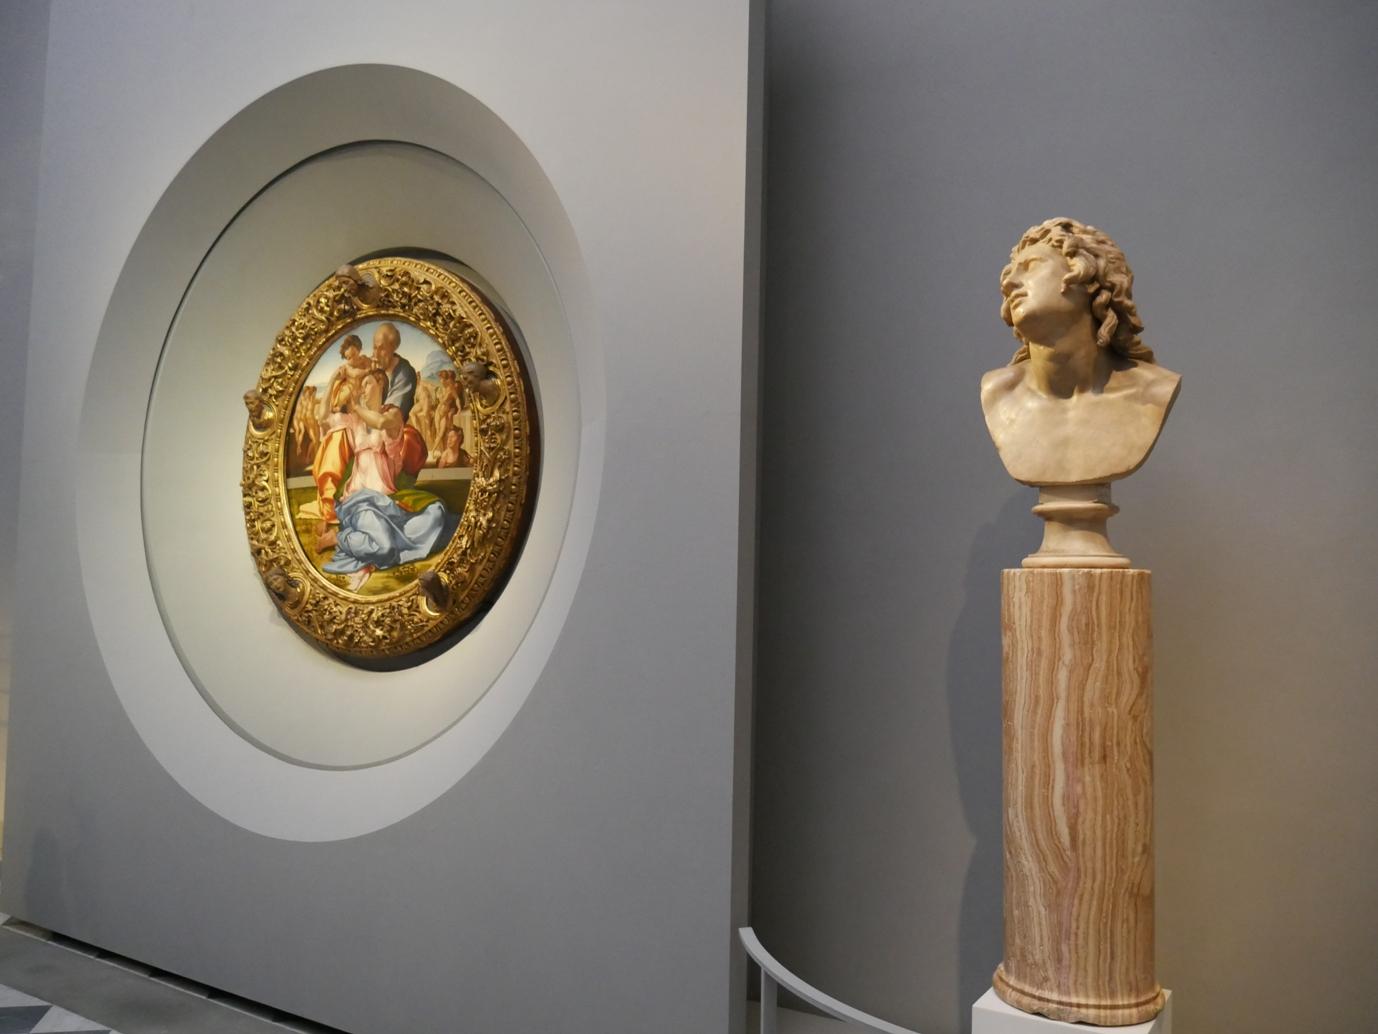 La nuova sala di Michelangelo e Raffaello agli Uffizi